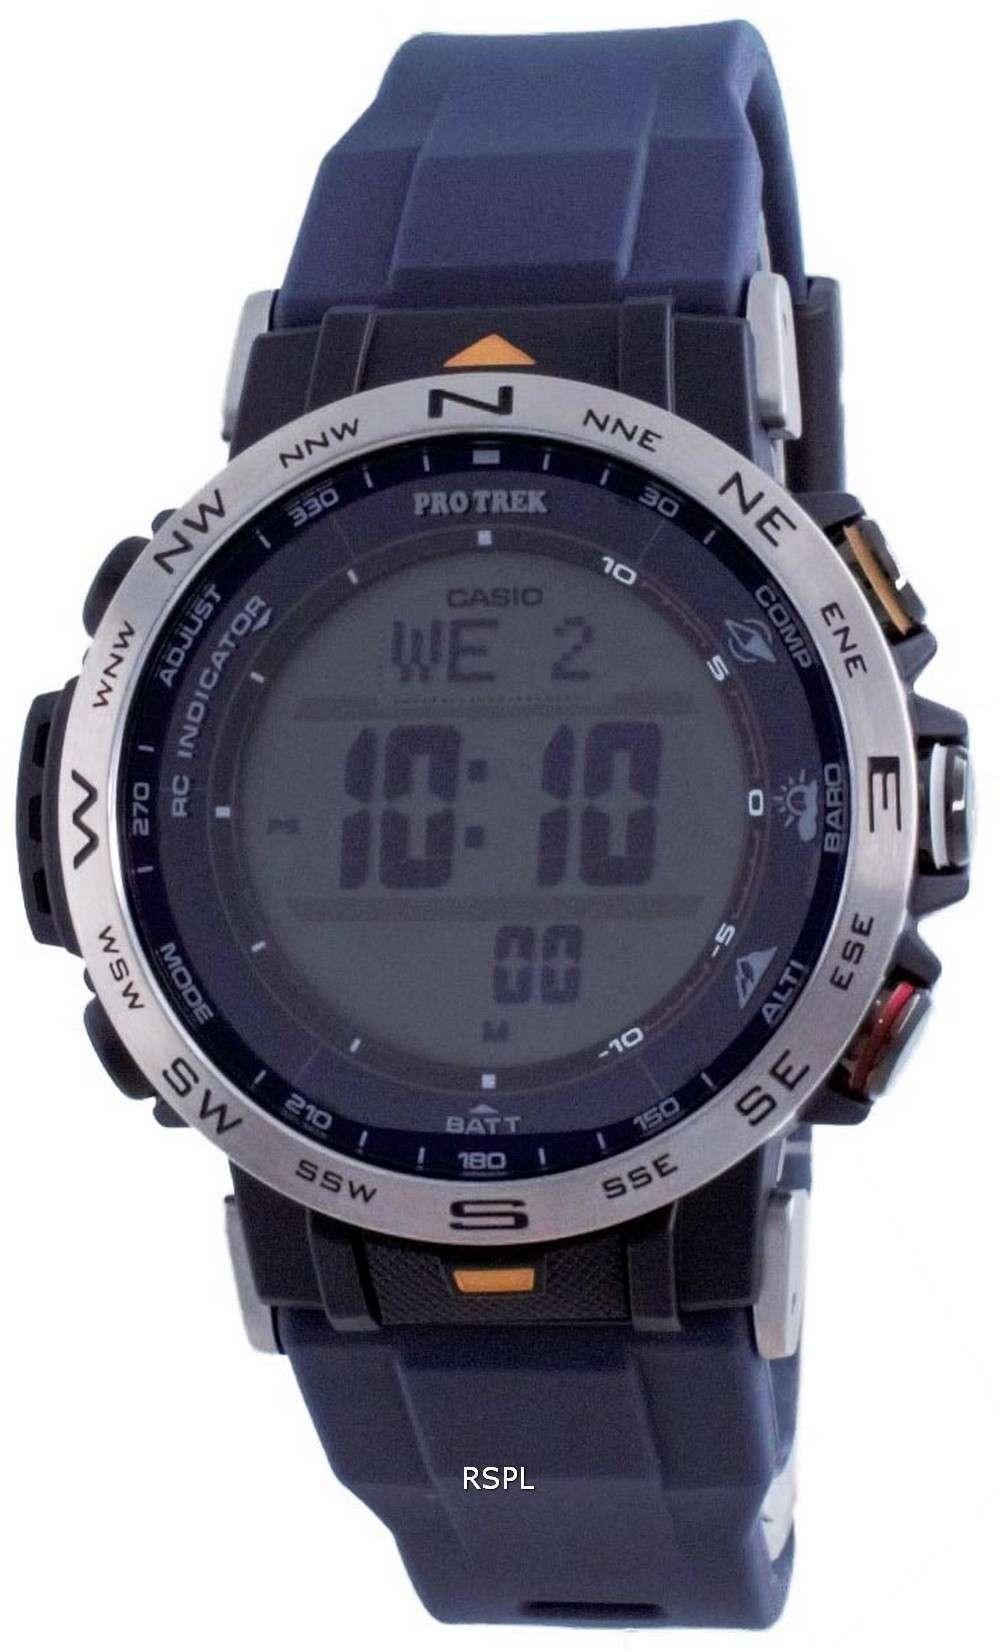 Reloj Casio Protrek Climber Line Tough Solar PRW-30AE-2 PRW30AE-2 100M para hombre